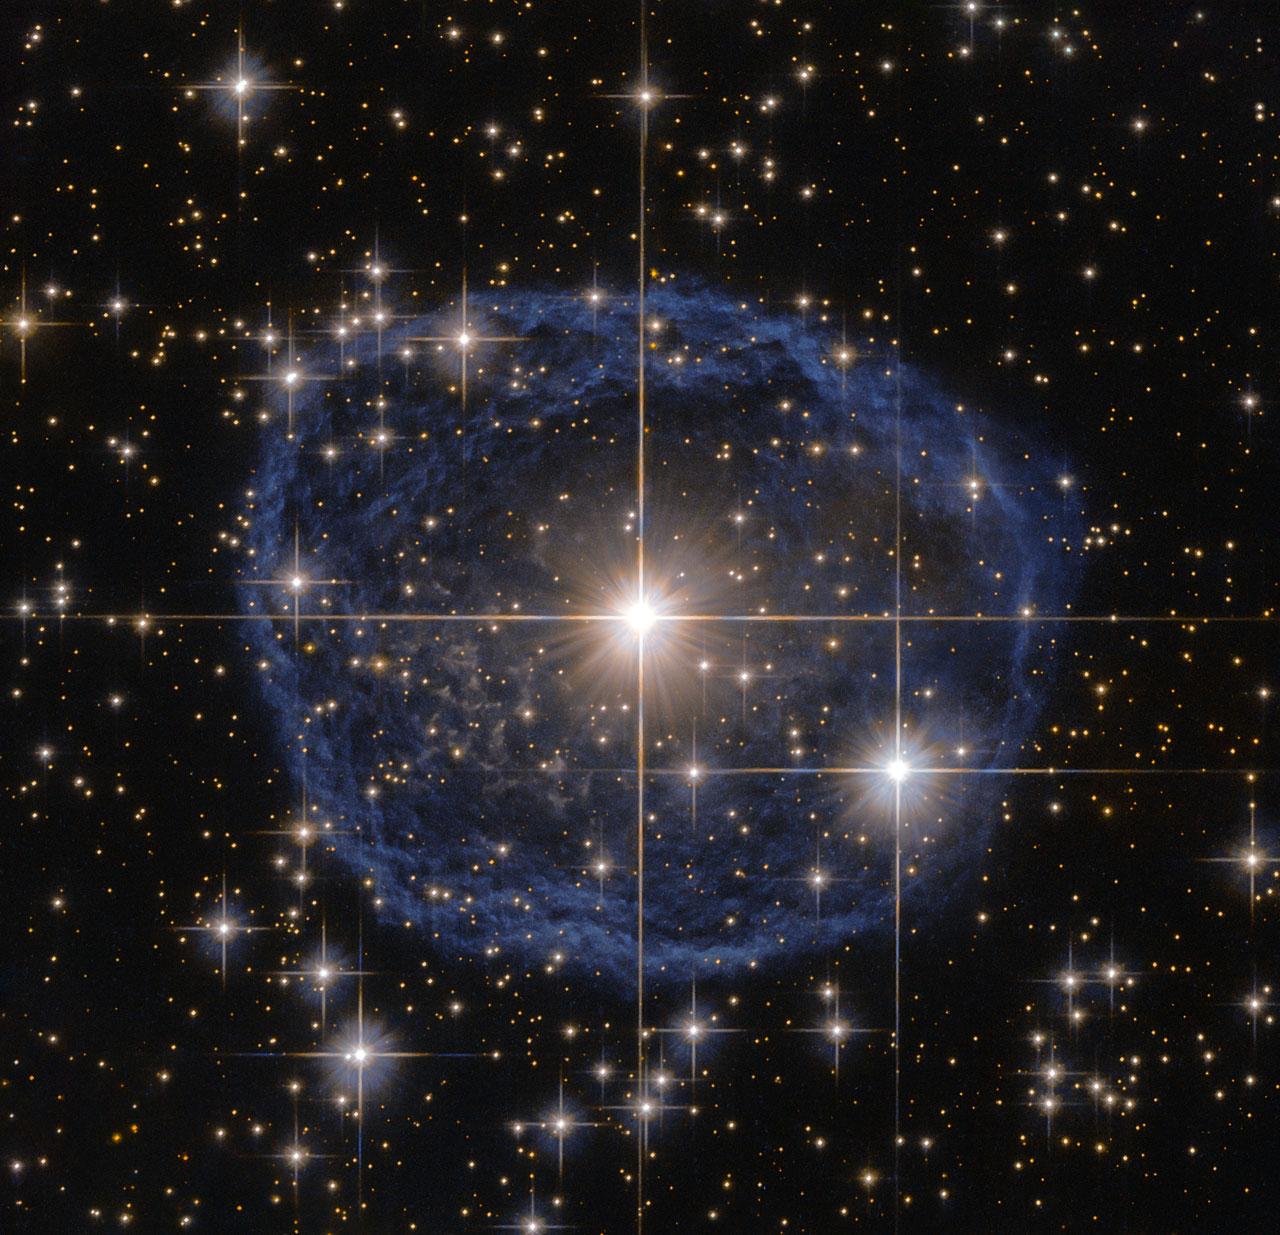 Reluciendo en el centro de esta hermosa imagen del telescopio espacial Hubble de NASA/ESA encontramos una estrella Wolf-Rayet conocida como WR 31a, situada a 30 000 años luz en dirección a la constelación de Carina.